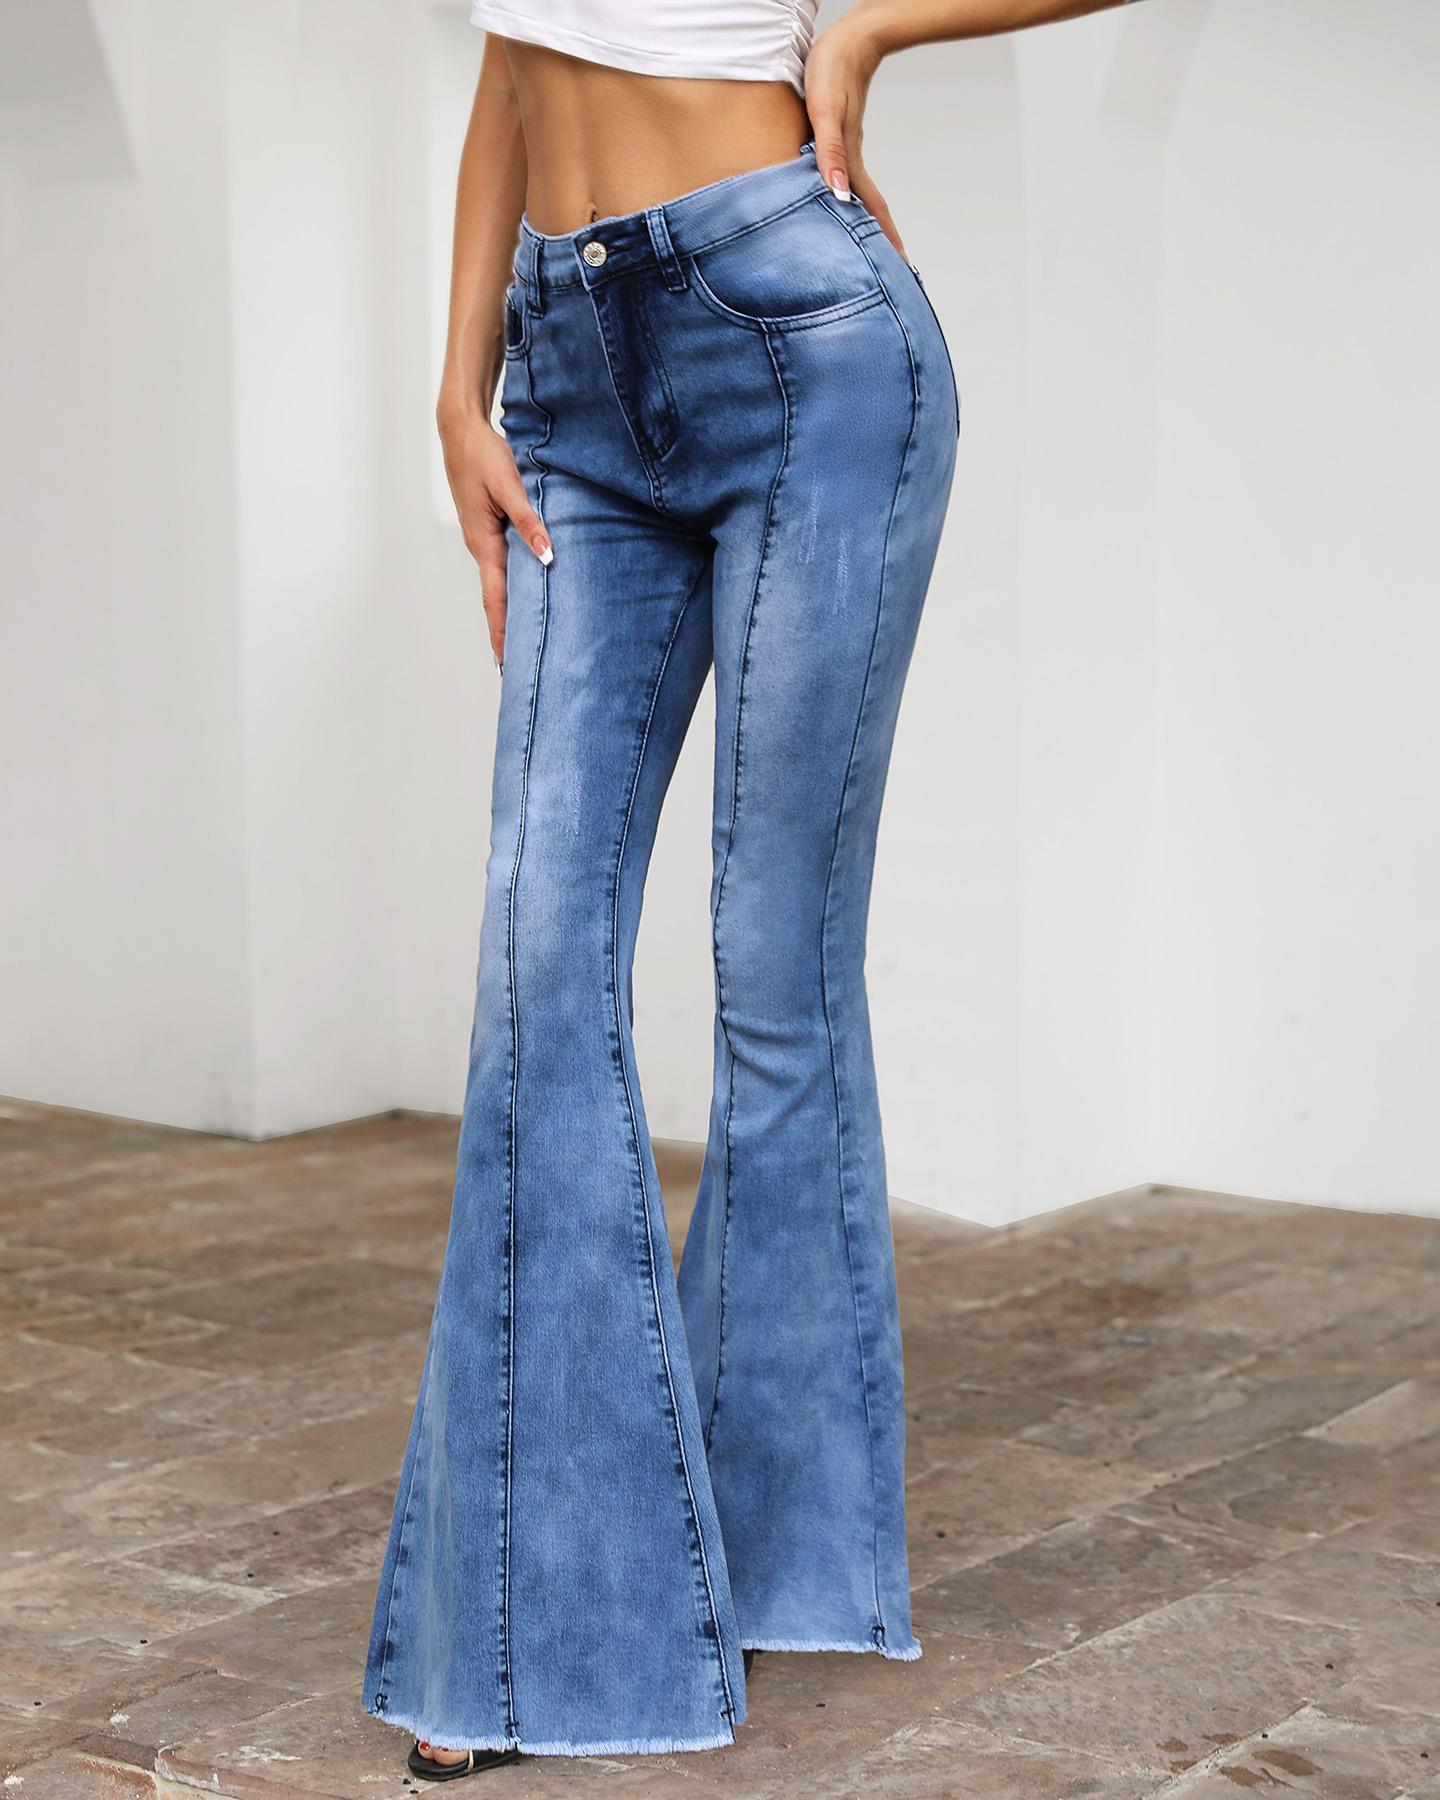 High Waist Pocket Bell-Bottom Jeans